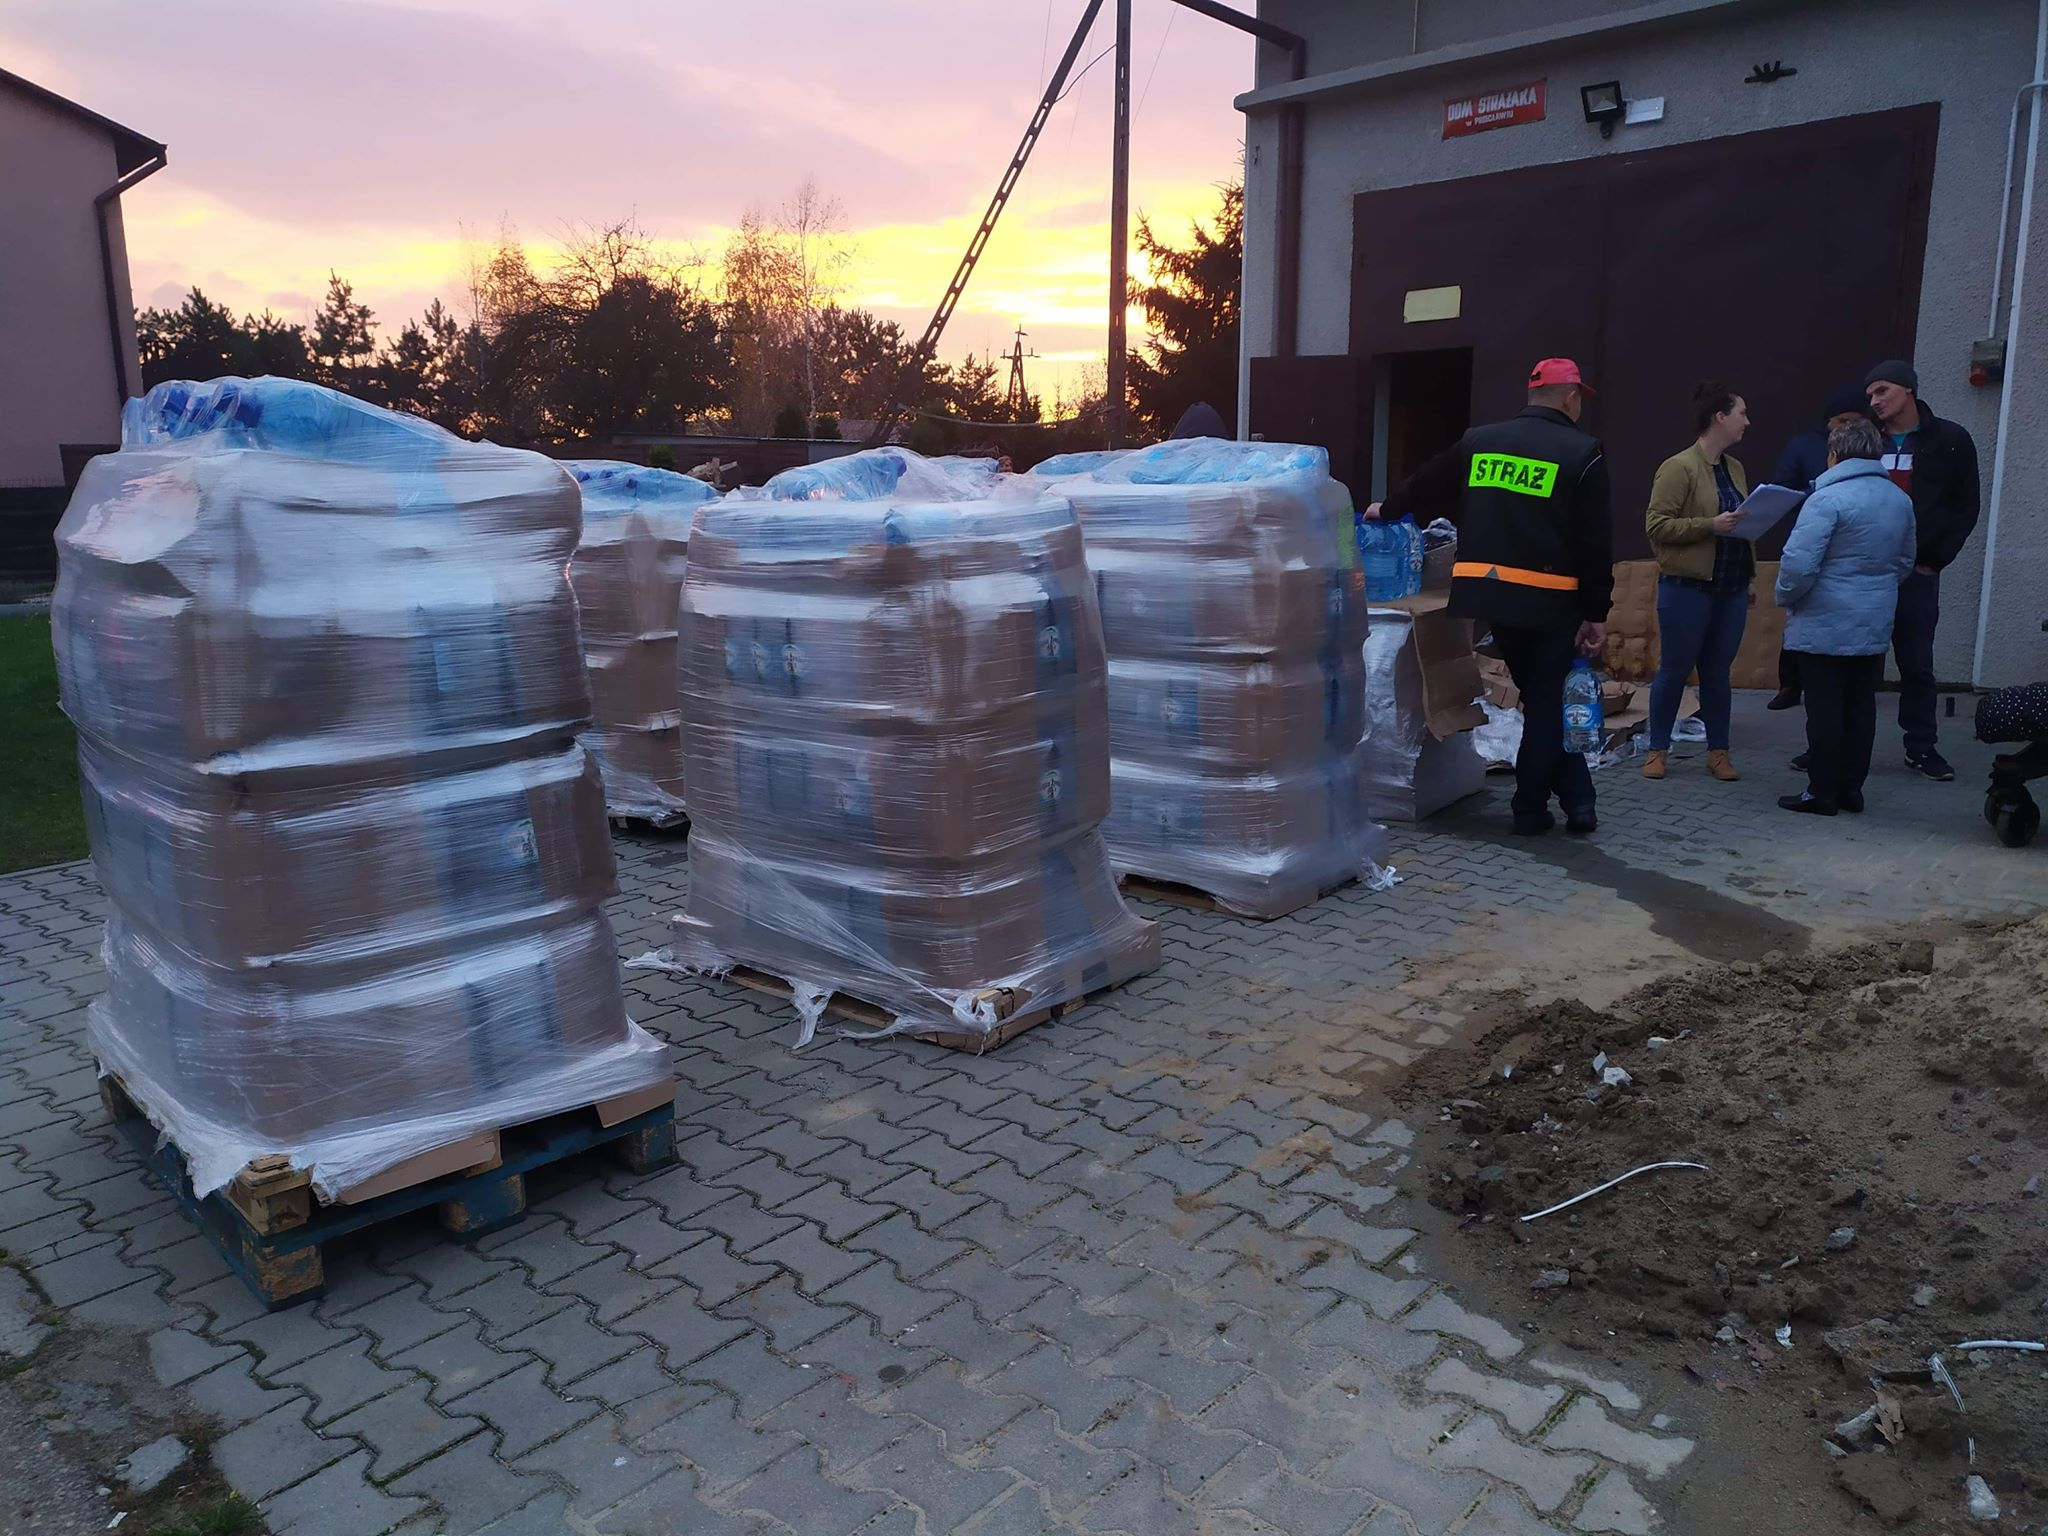 Coraz trudniejsza sytuacja w Gminie Przecław. Nieczynny wodociąg. Mieszkańcy tracą cierpliwość - Zdjęcie główne